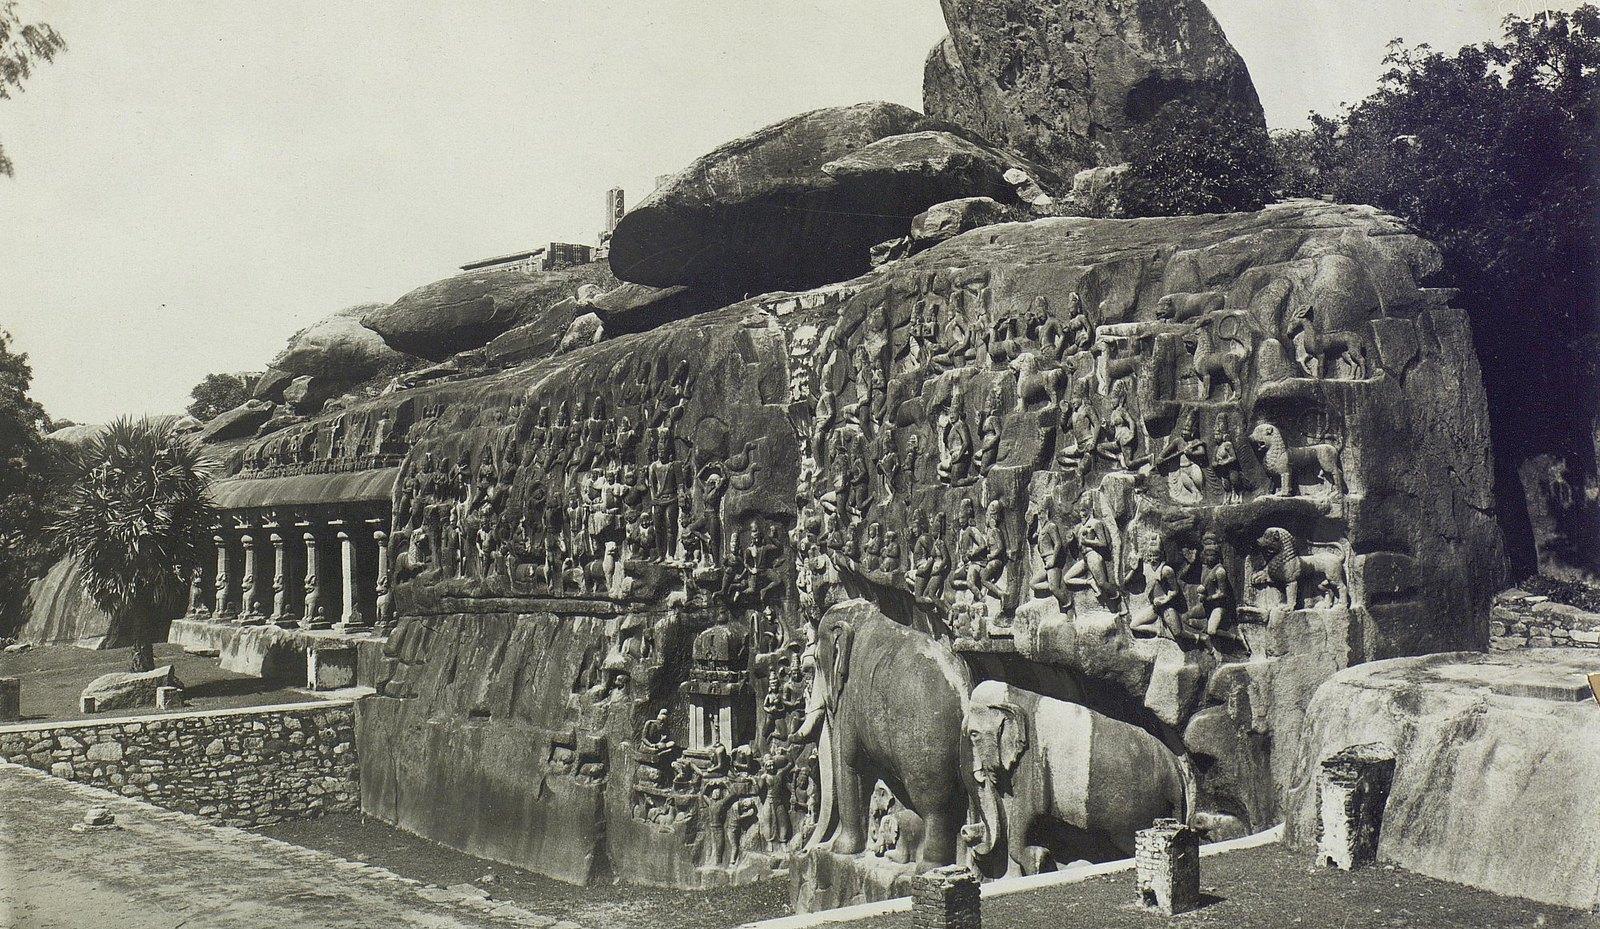 Мамаллапур (скала с рельефными изображениями)1